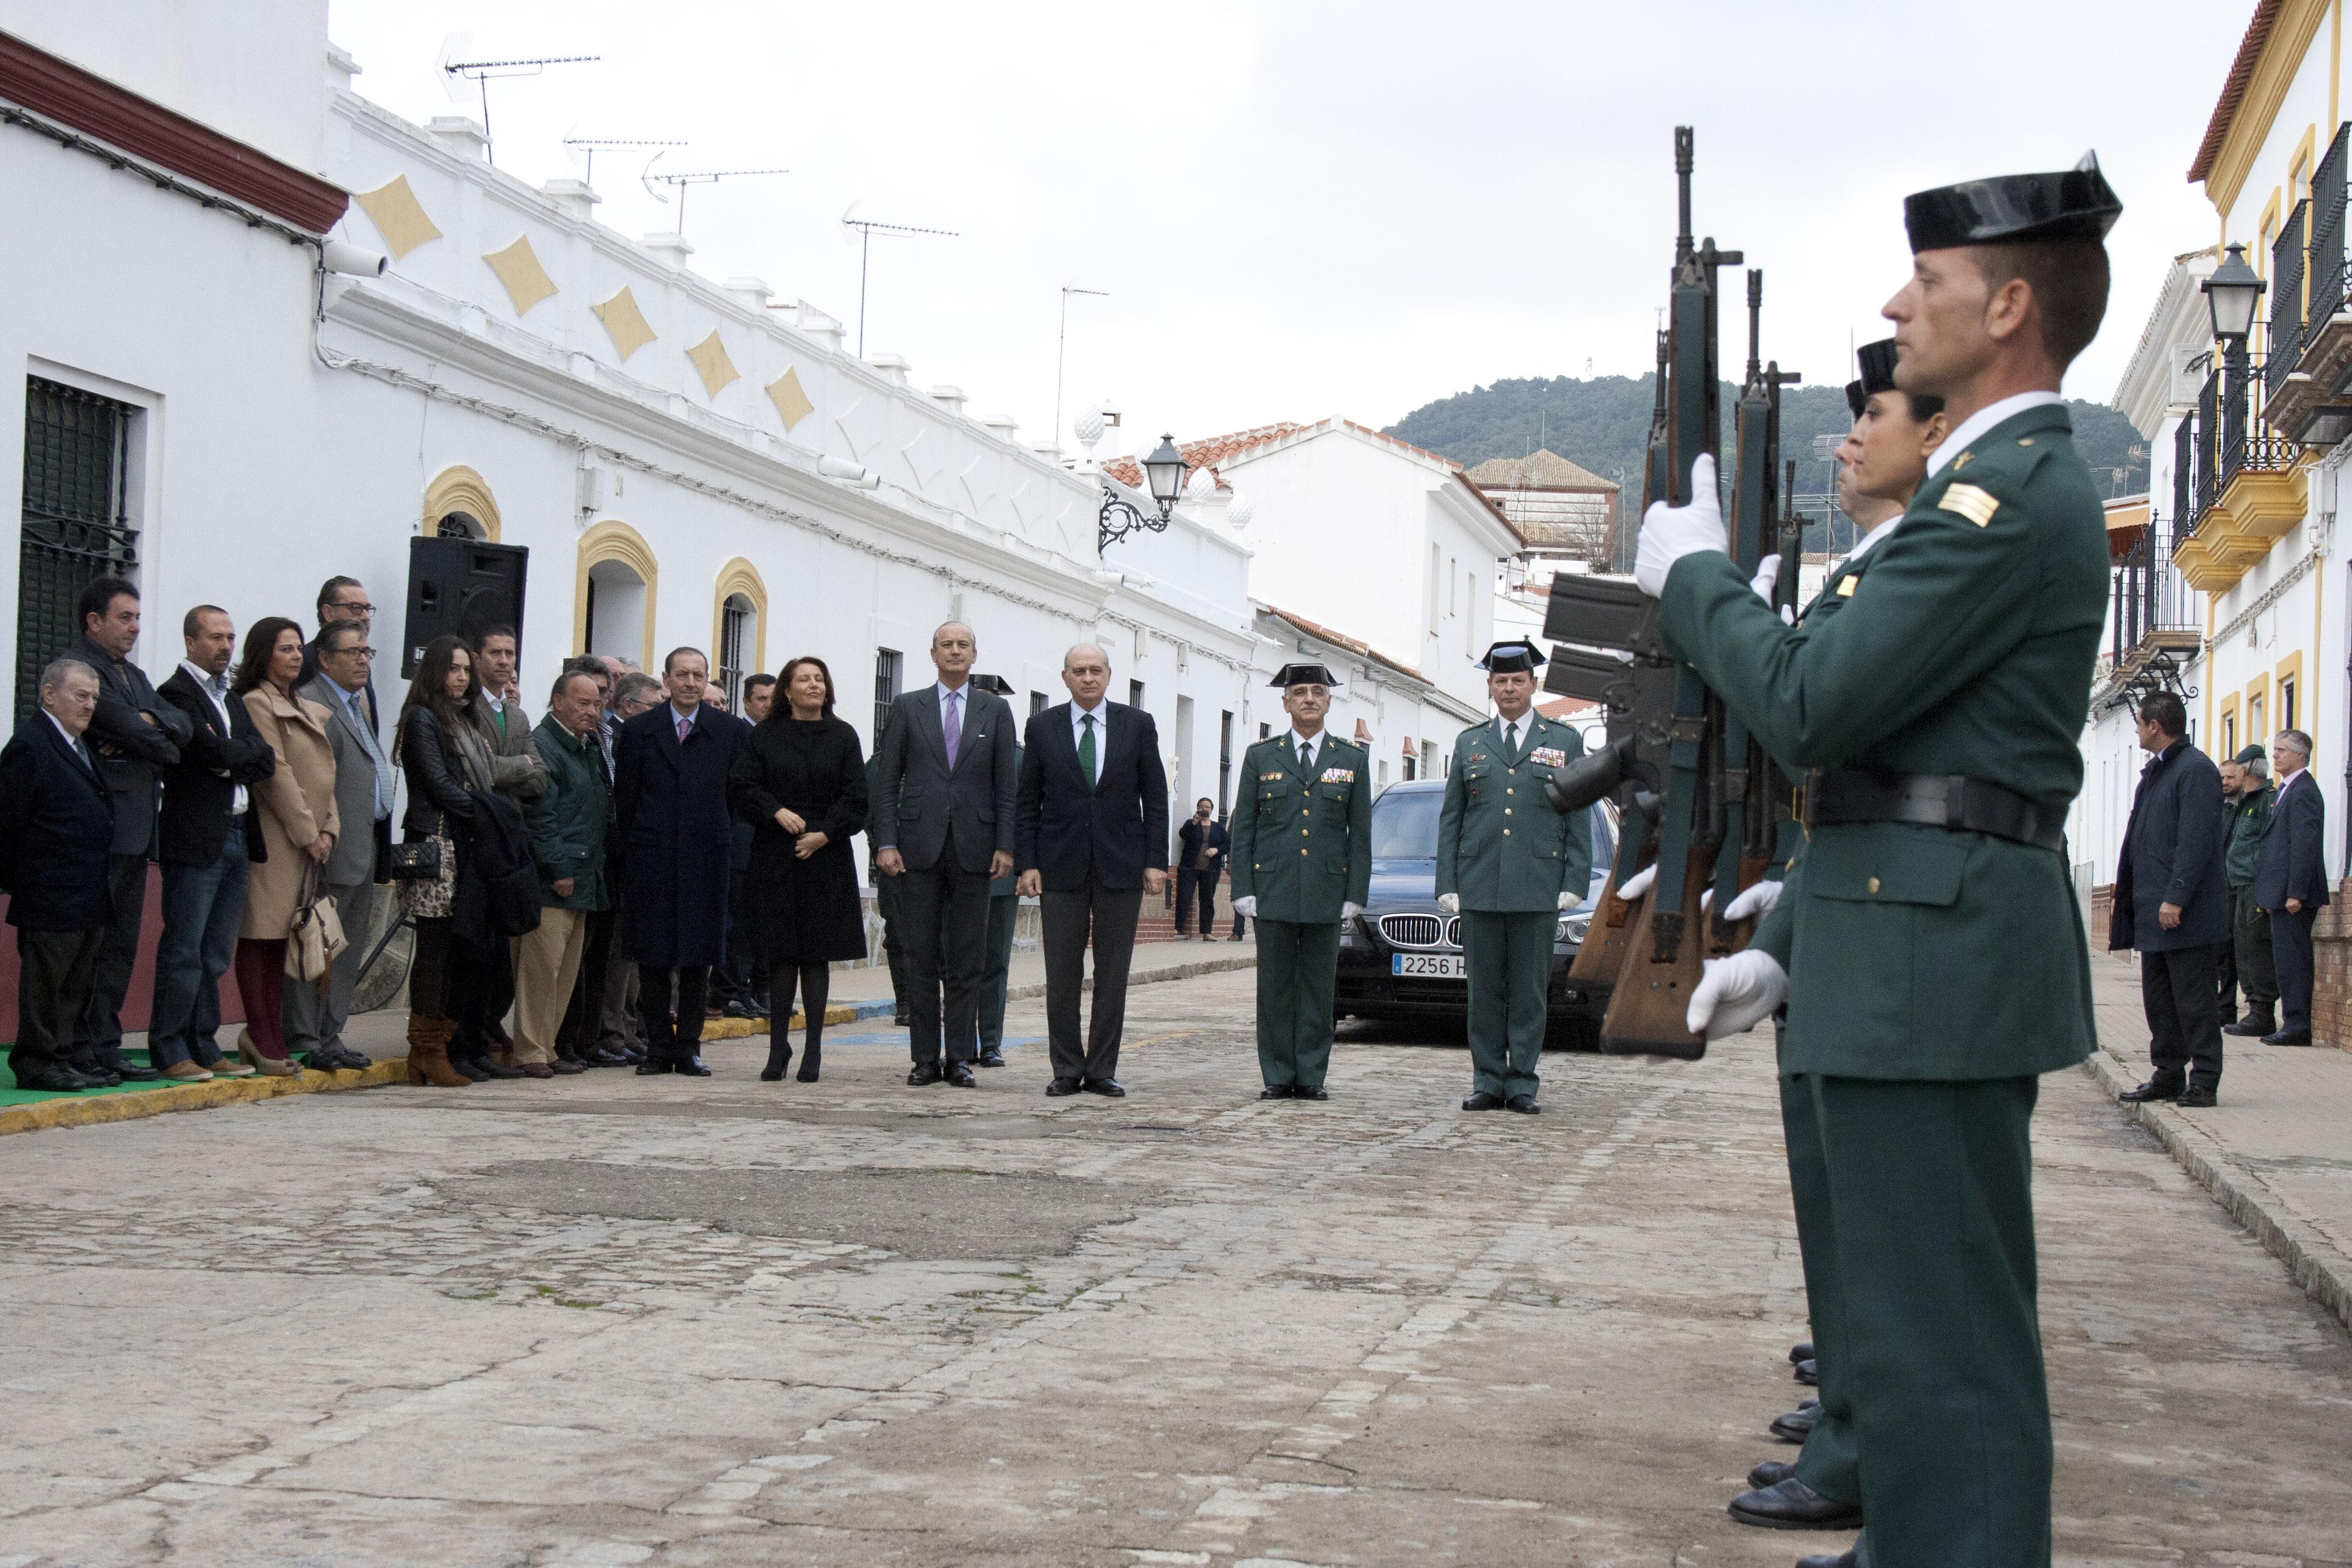 Efectivos de la Guardia Civil reciben a las autoridades durante el acto de inicio de las obras de reforma y ampliación del cuartel. / Foto: F.J.D.